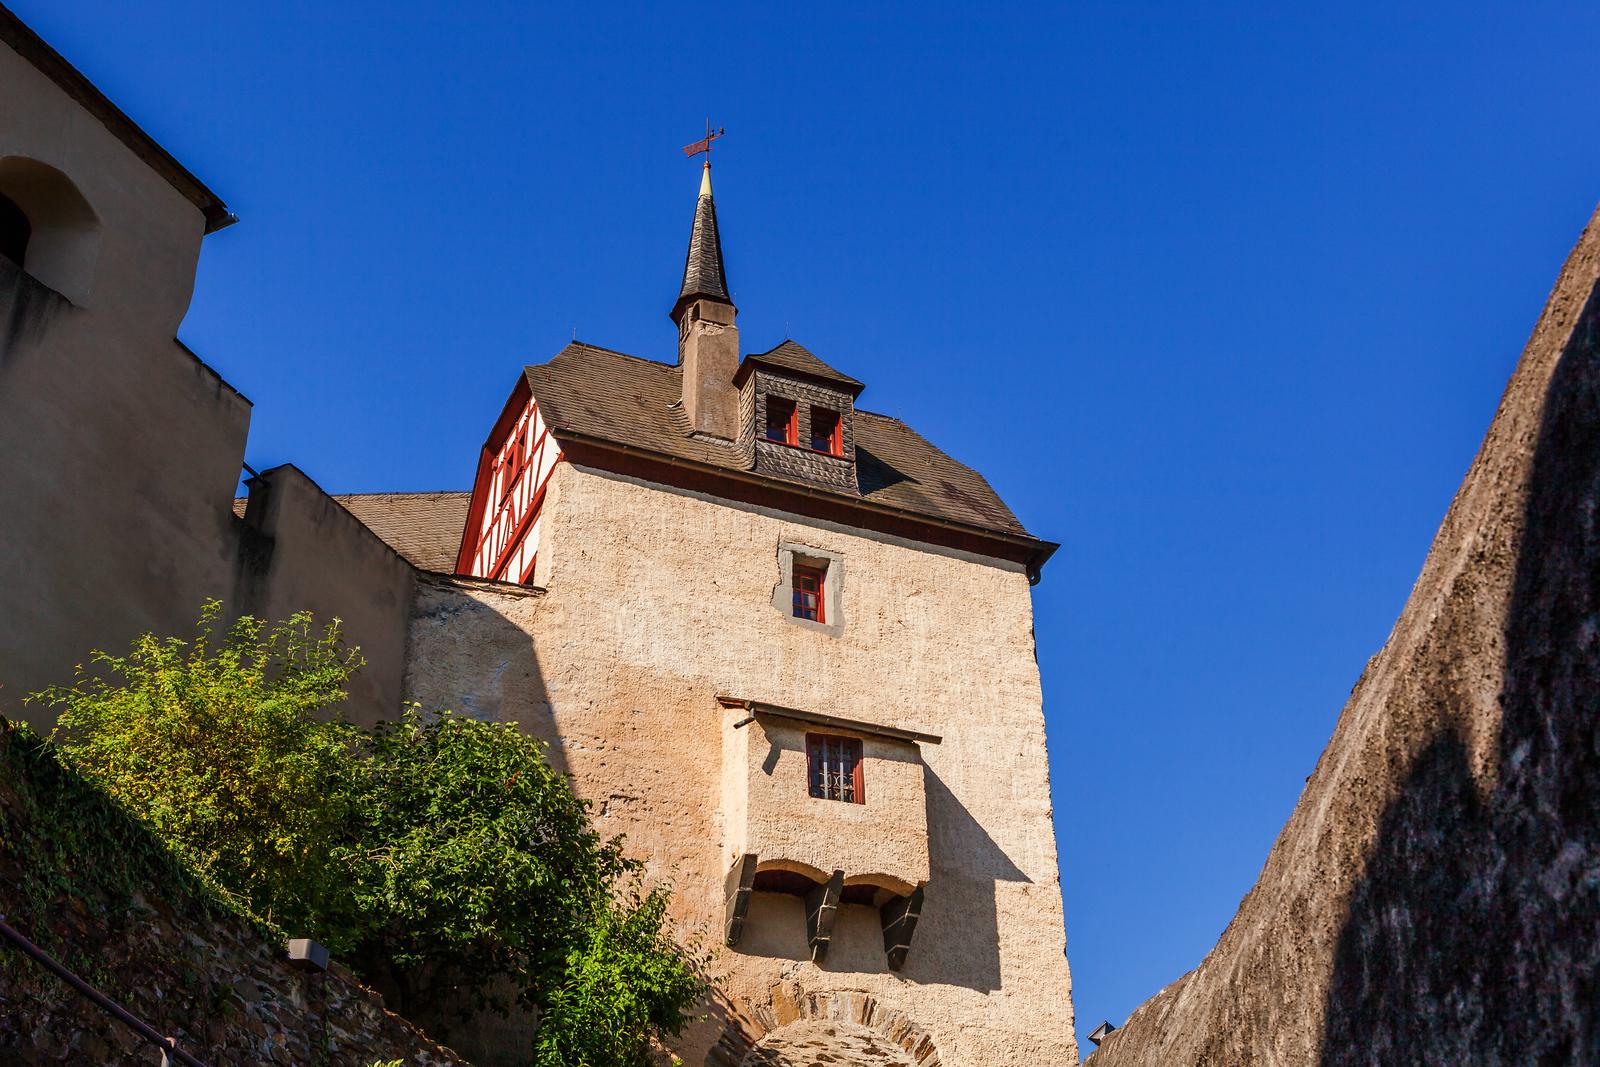 德國馬克思城堡(Marksburg castle),世界文化遺產